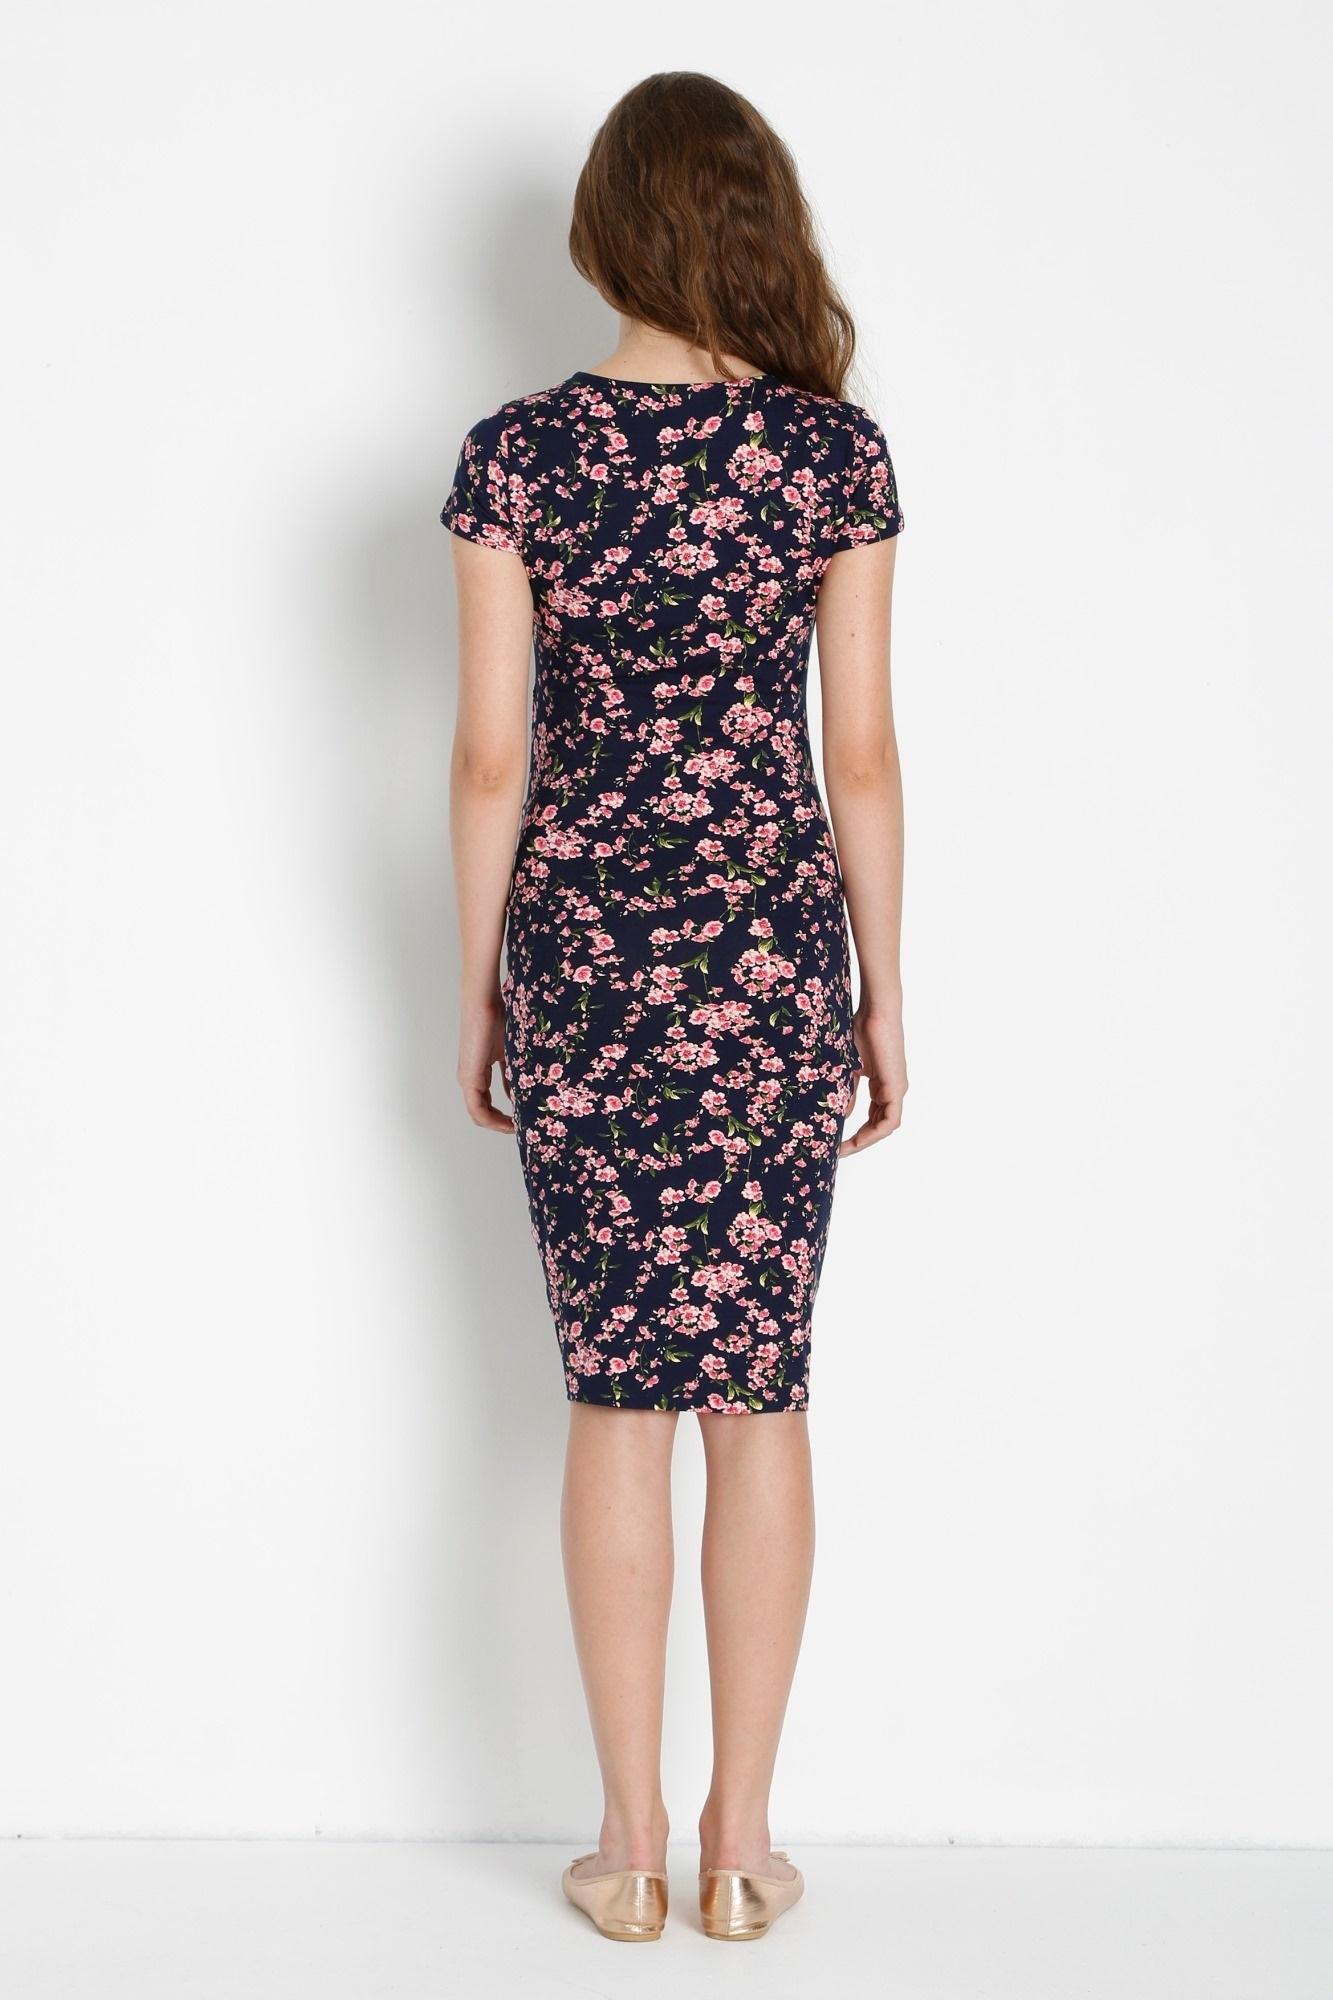 Фото платье для беременных GEBE от магазина СкороМама, цветы, размеры.